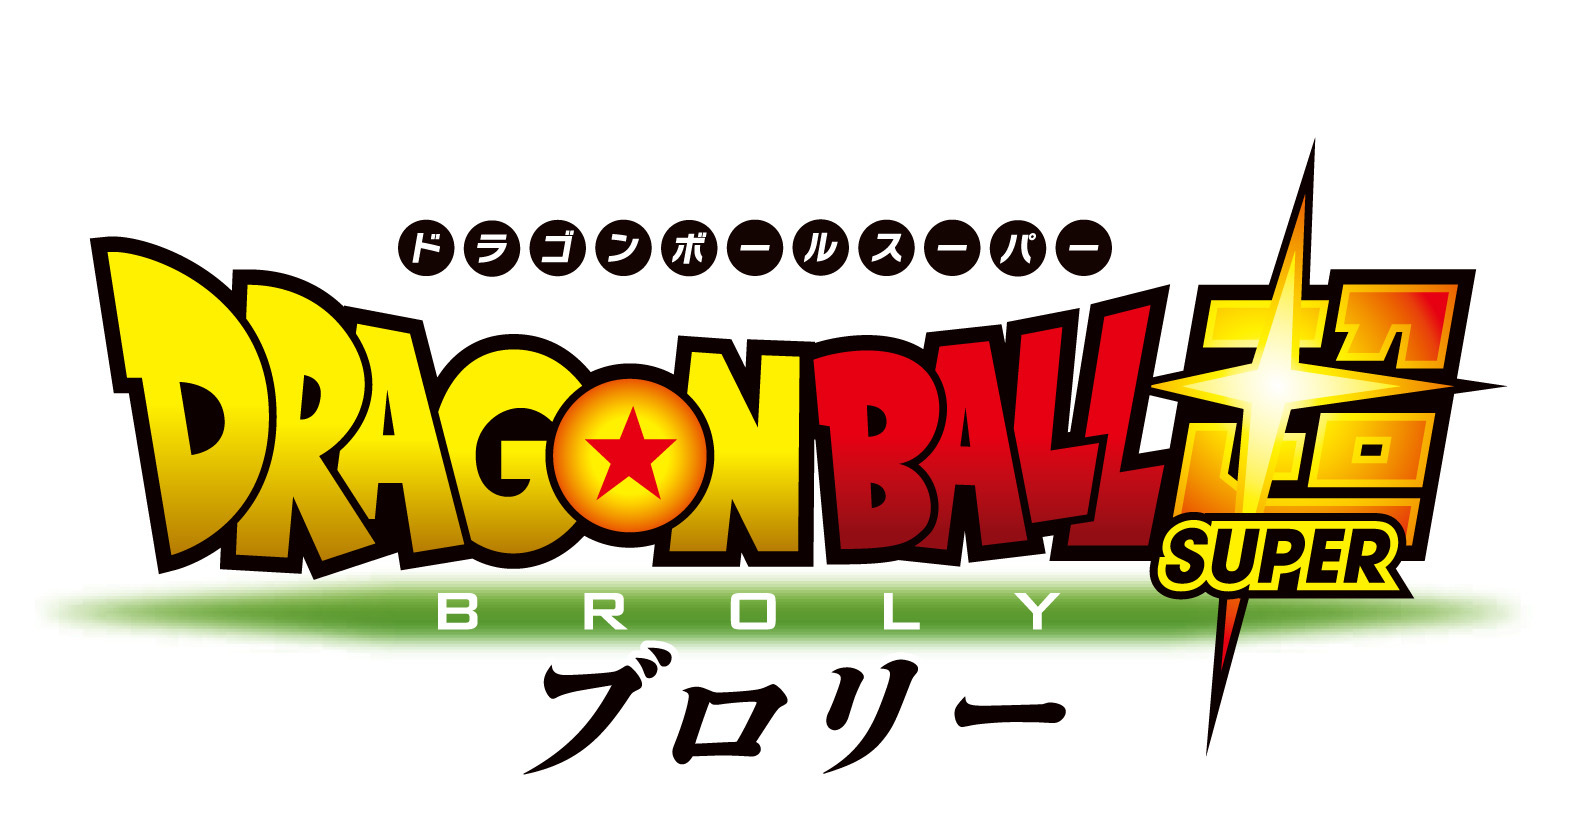 映画『ドラゴンボール超(スーパー) ブロリー』タイトルロゴ